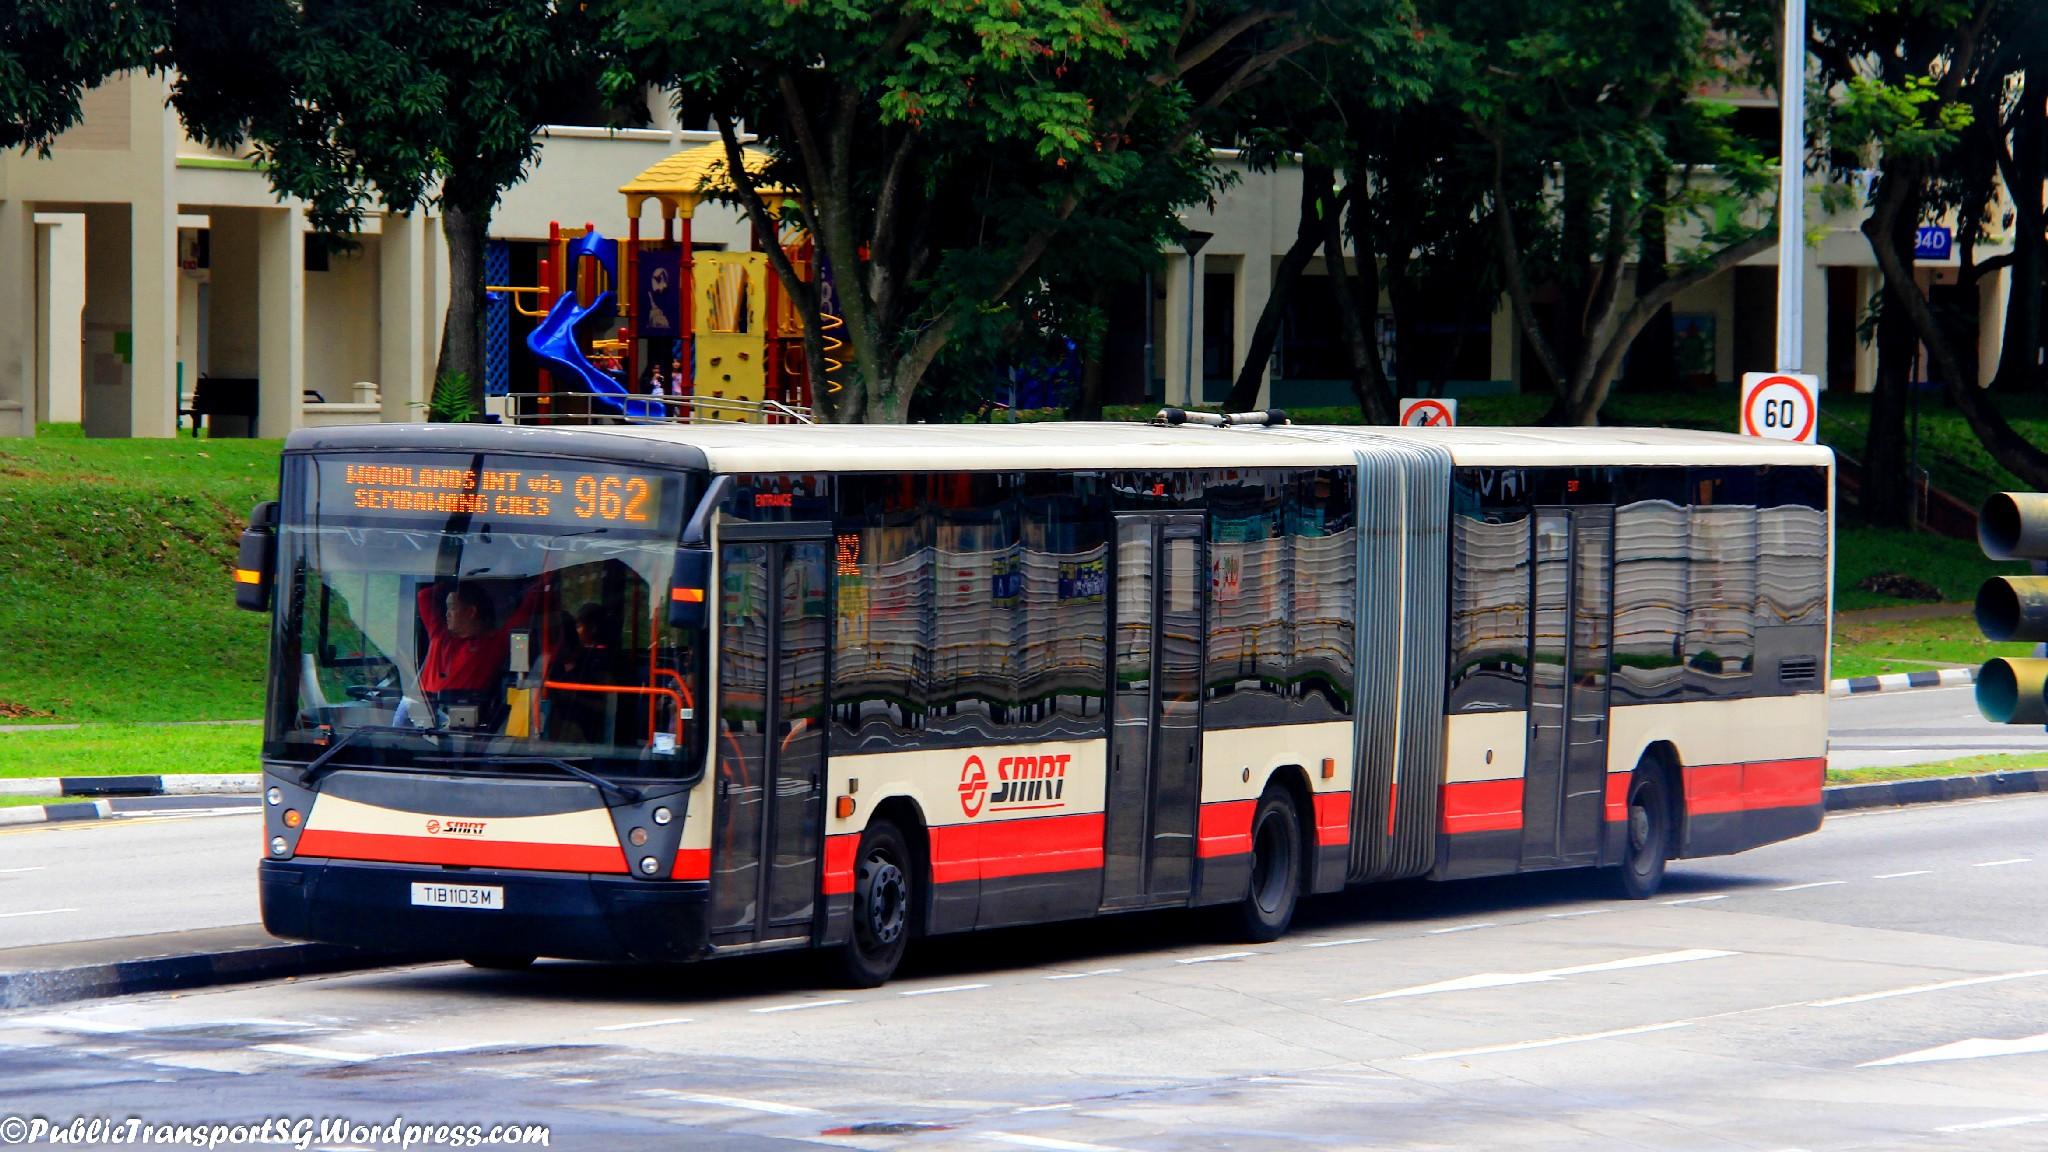 Smrt bus service 962 public transport sg for Mercedes benz woodlands service